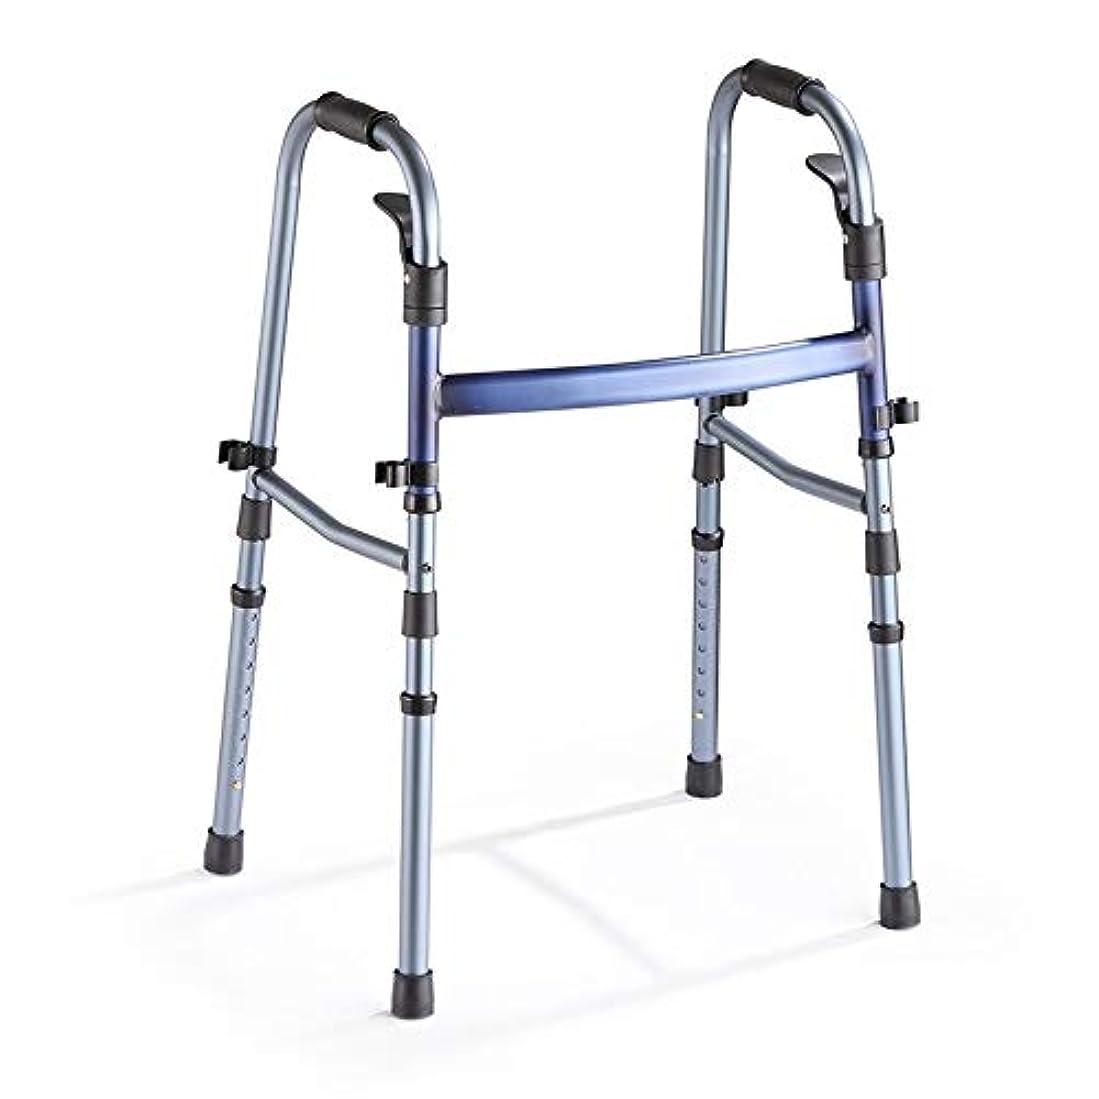 菊支払いブランチ折りたたみ式軽量アルミニウム歩行ジマーフレームウォーカー-調節可能な高さ